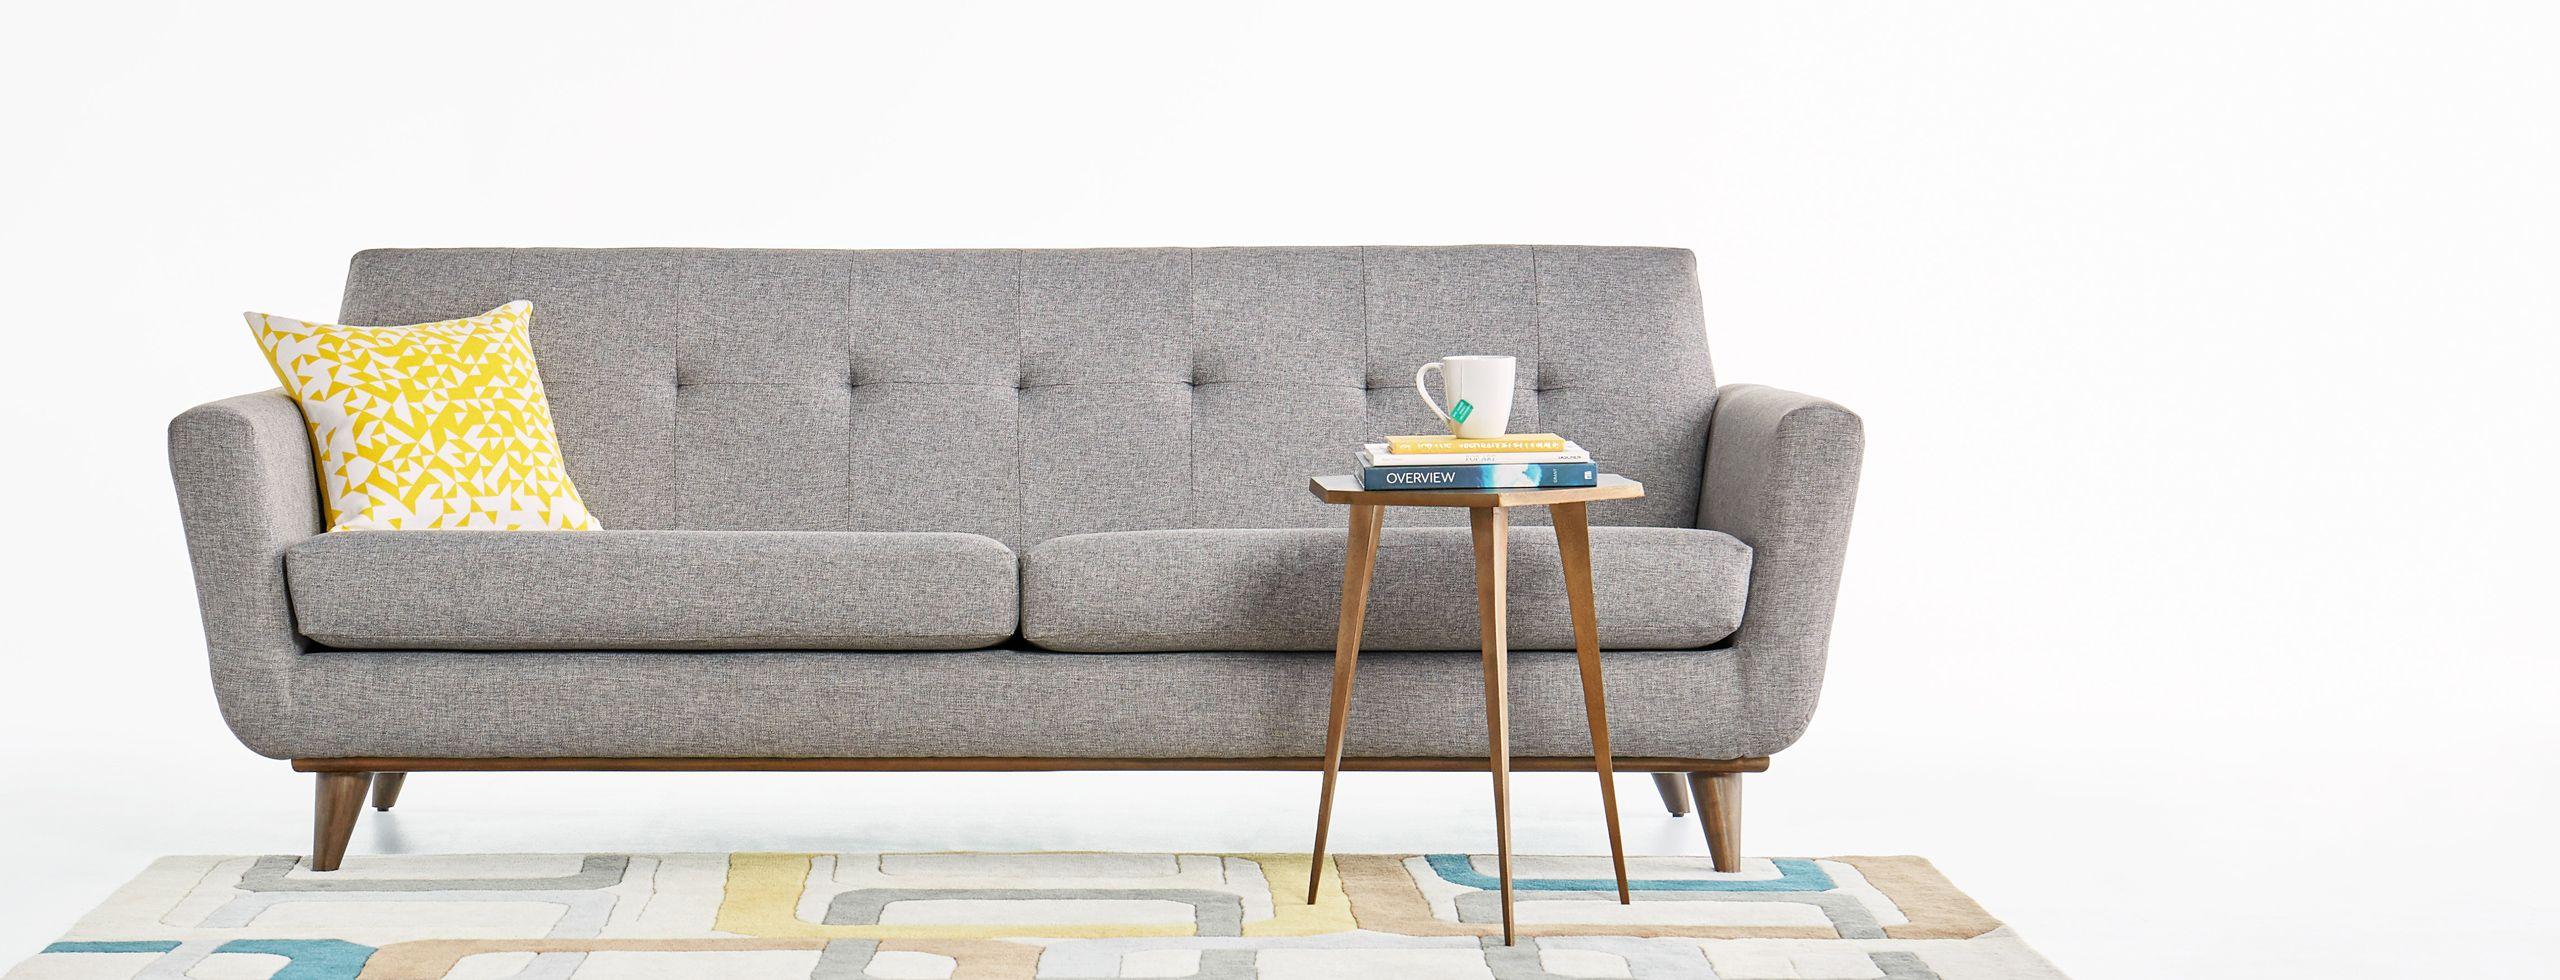 Top Sofa Trends in 2019